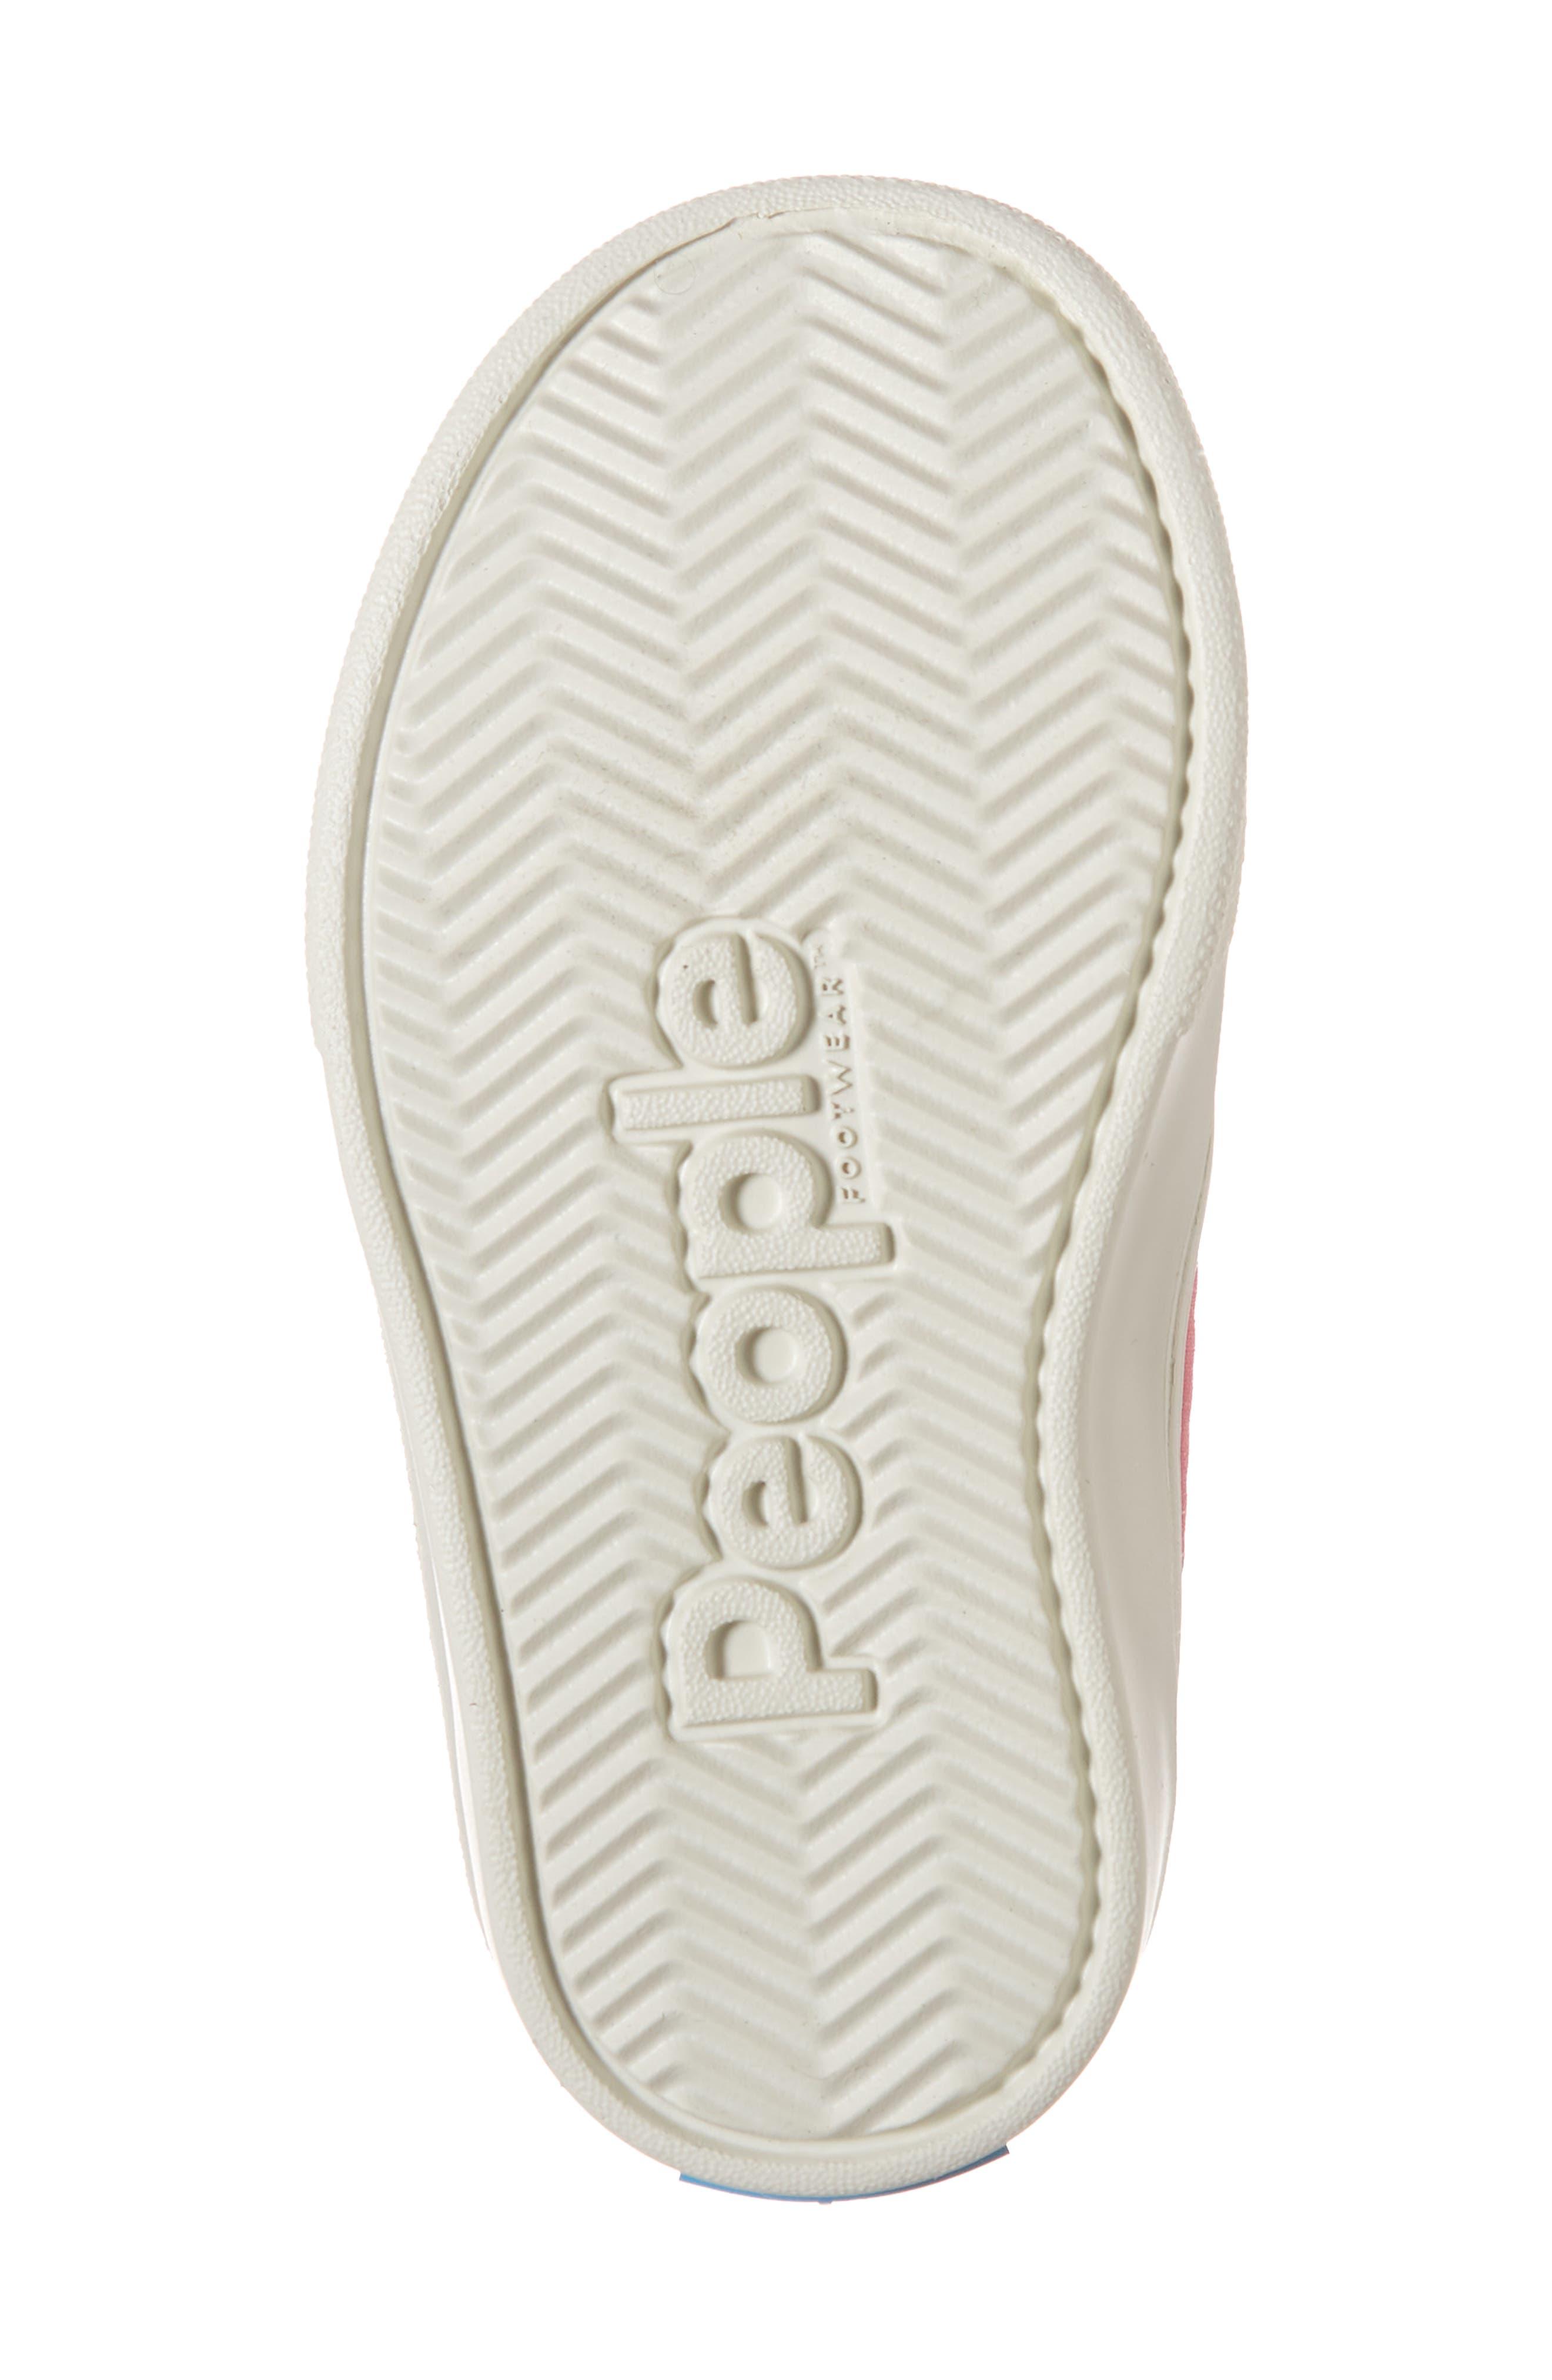 PEOPLE FOOTWEAR,                             'Cypress' Sneaker,                             Alternate thumbnail 6, color,                             654